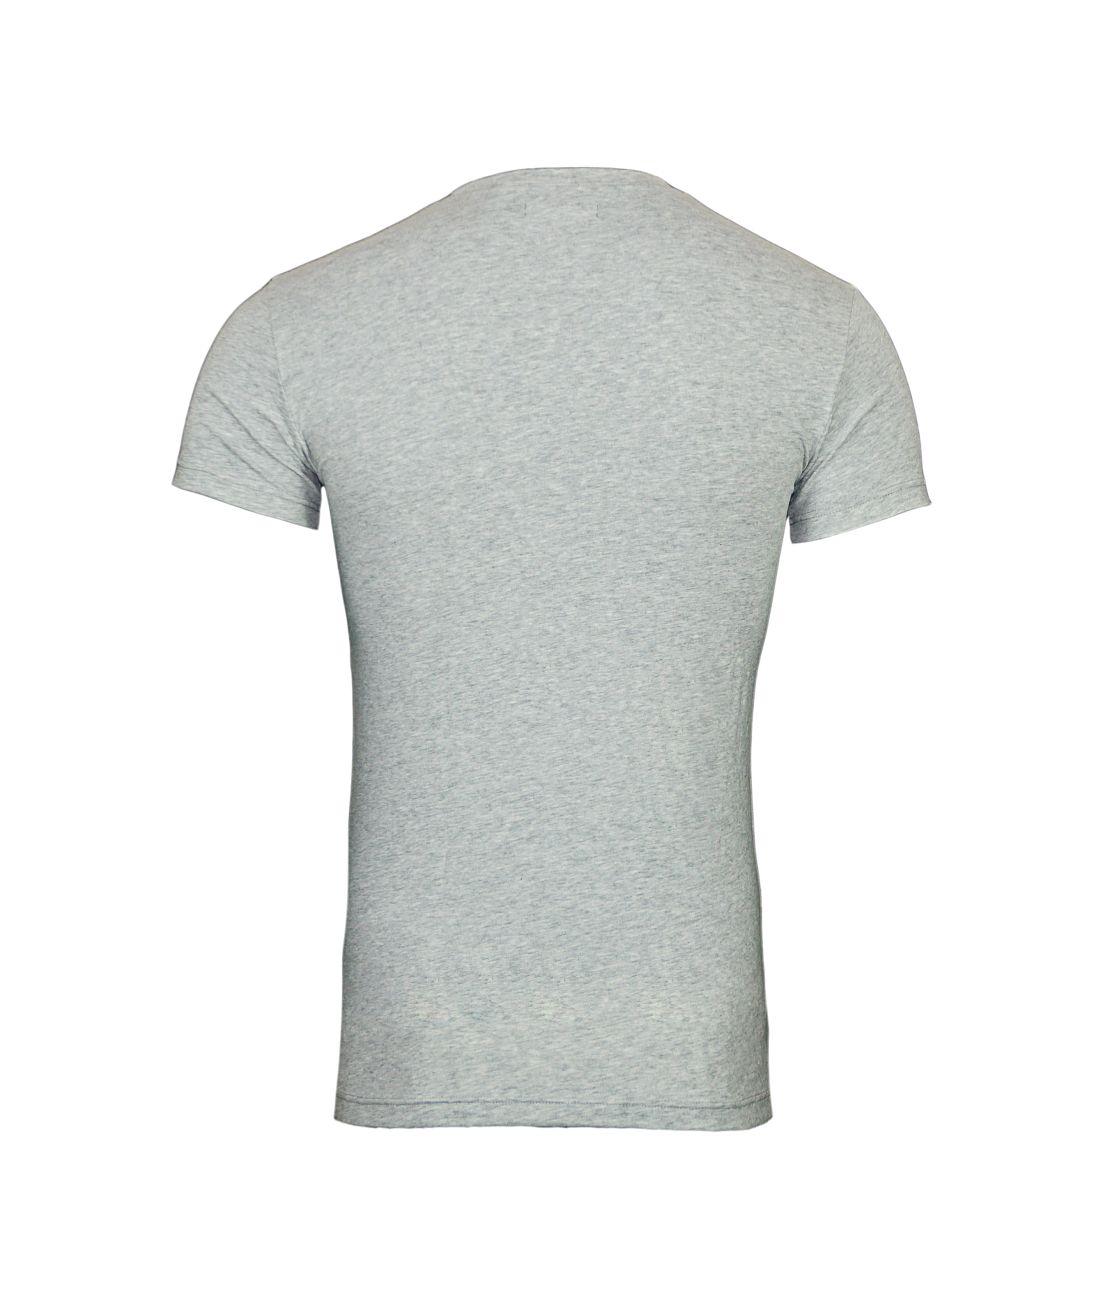 Emporio Armani T-Shirt Rundhals 111035 8P525 00048 GRIGIO MELANGE F18-EAT1